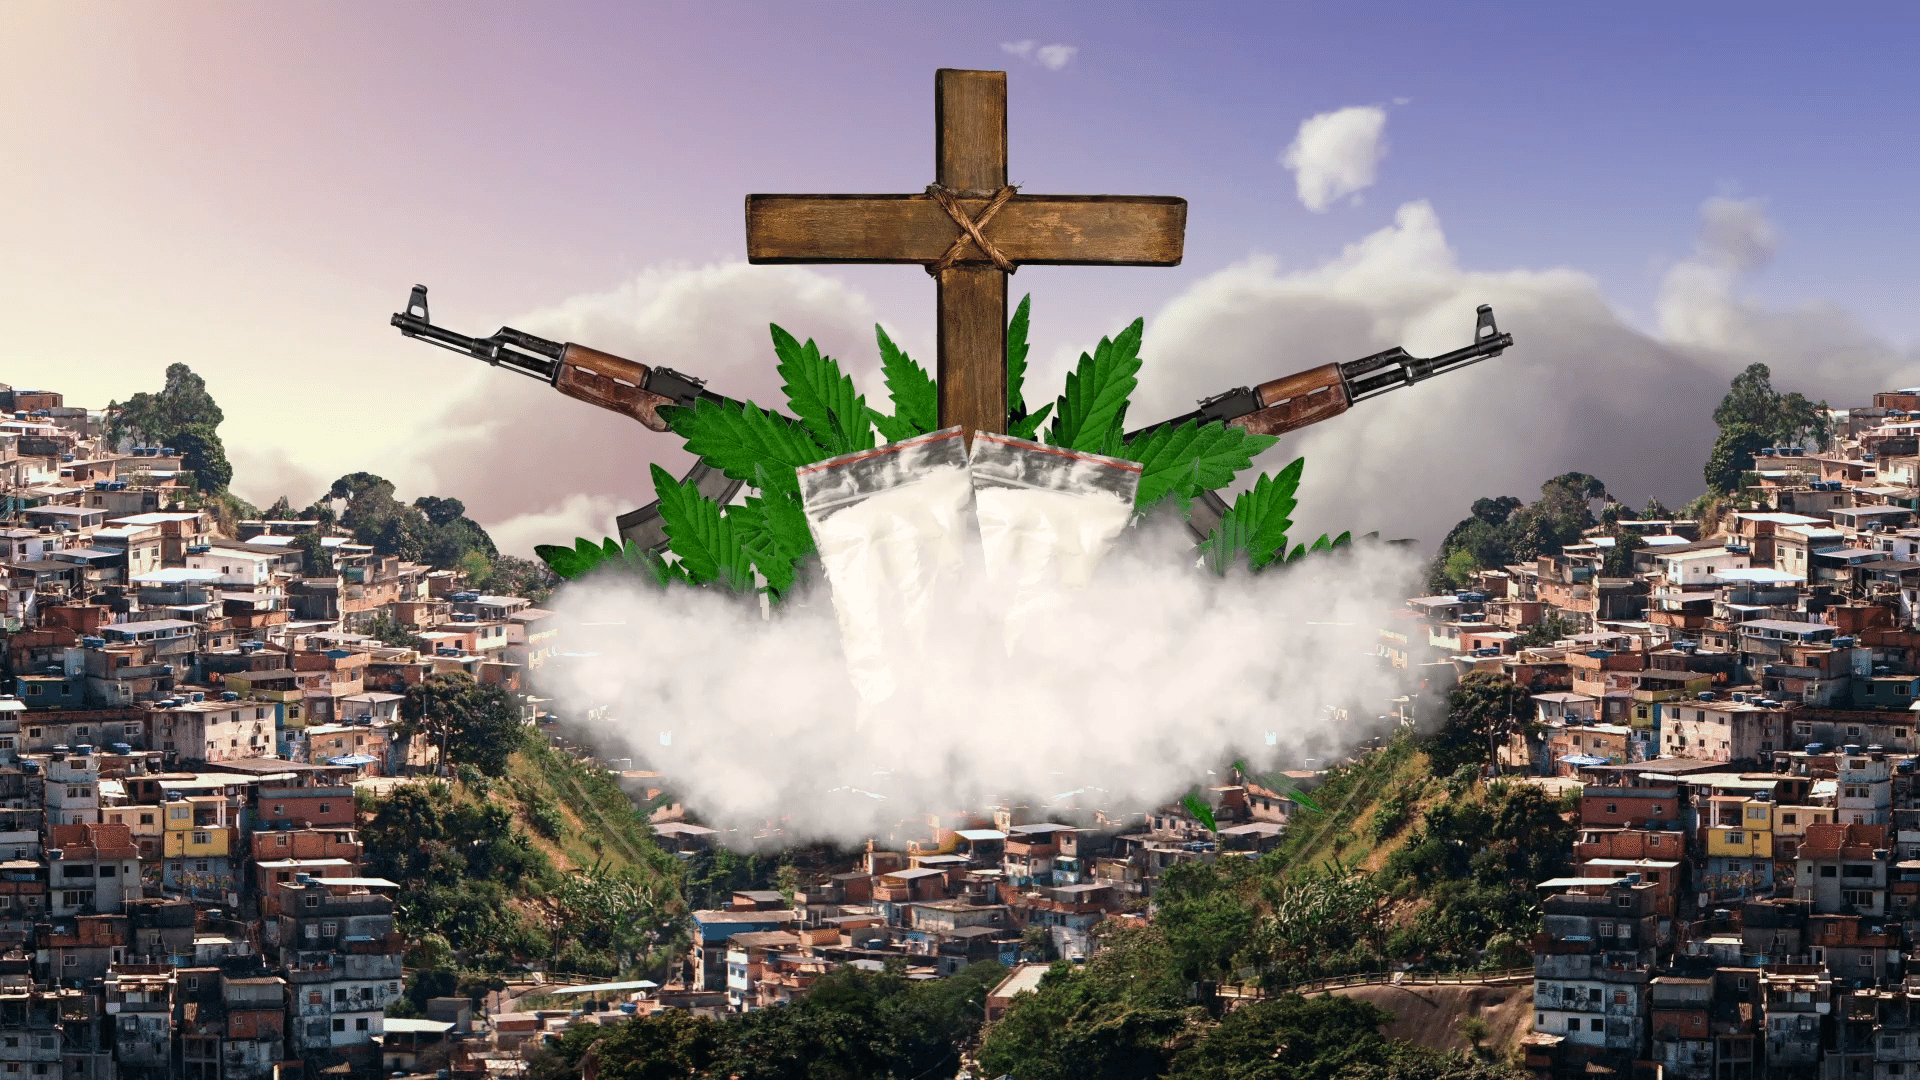 NAÇÃO DE JESUS: Fuzis ungidos e grafite gospel em muros da comunidade: para facção do Rio, a lei do tráfico é a lei de Deus